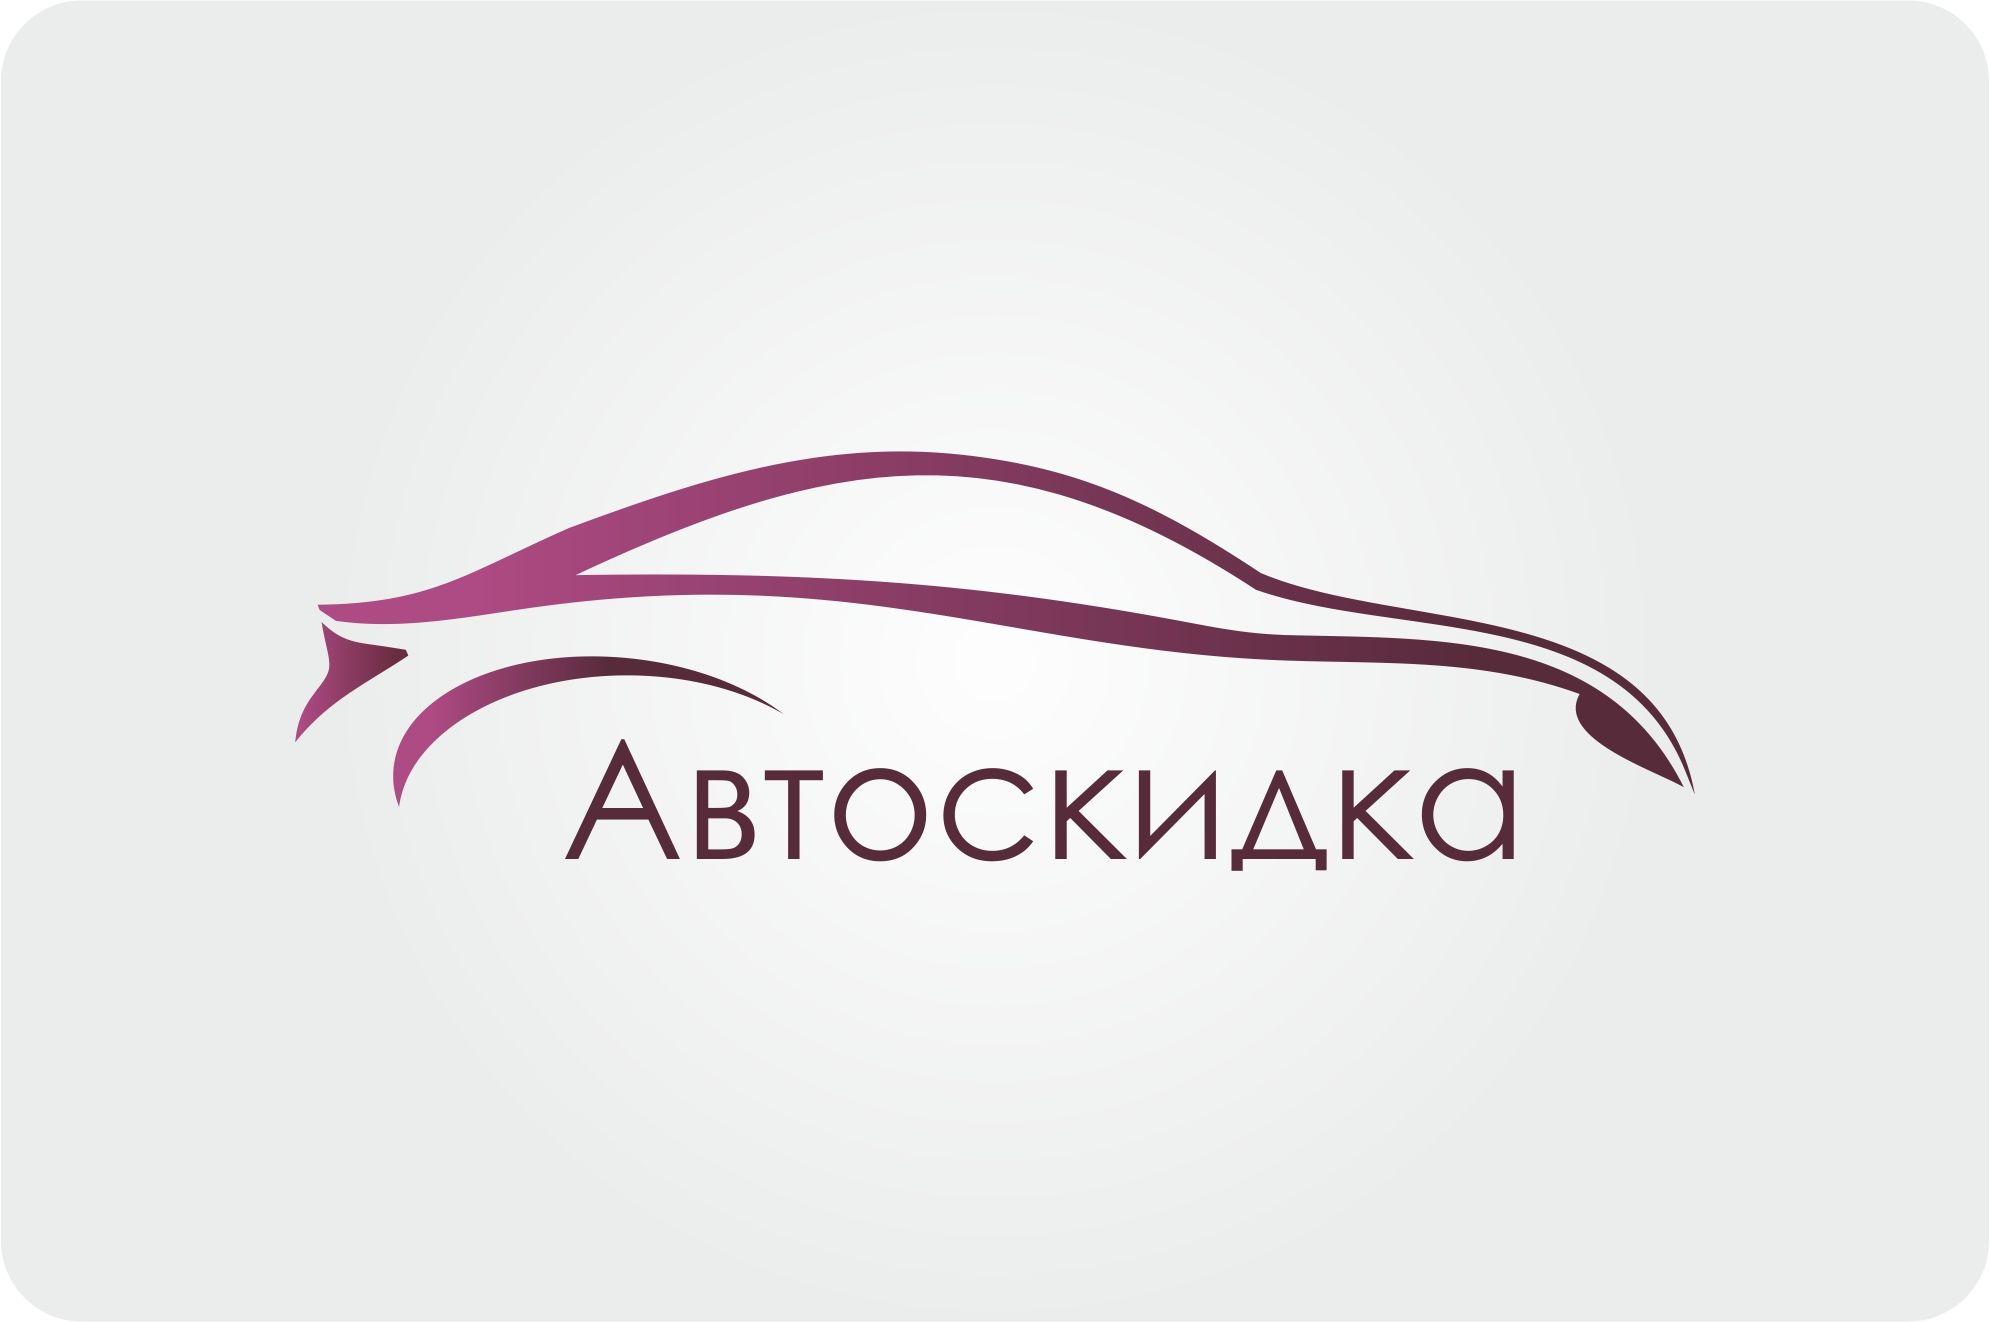 Логотип для скидочного сайта - дизайнер LDScreation